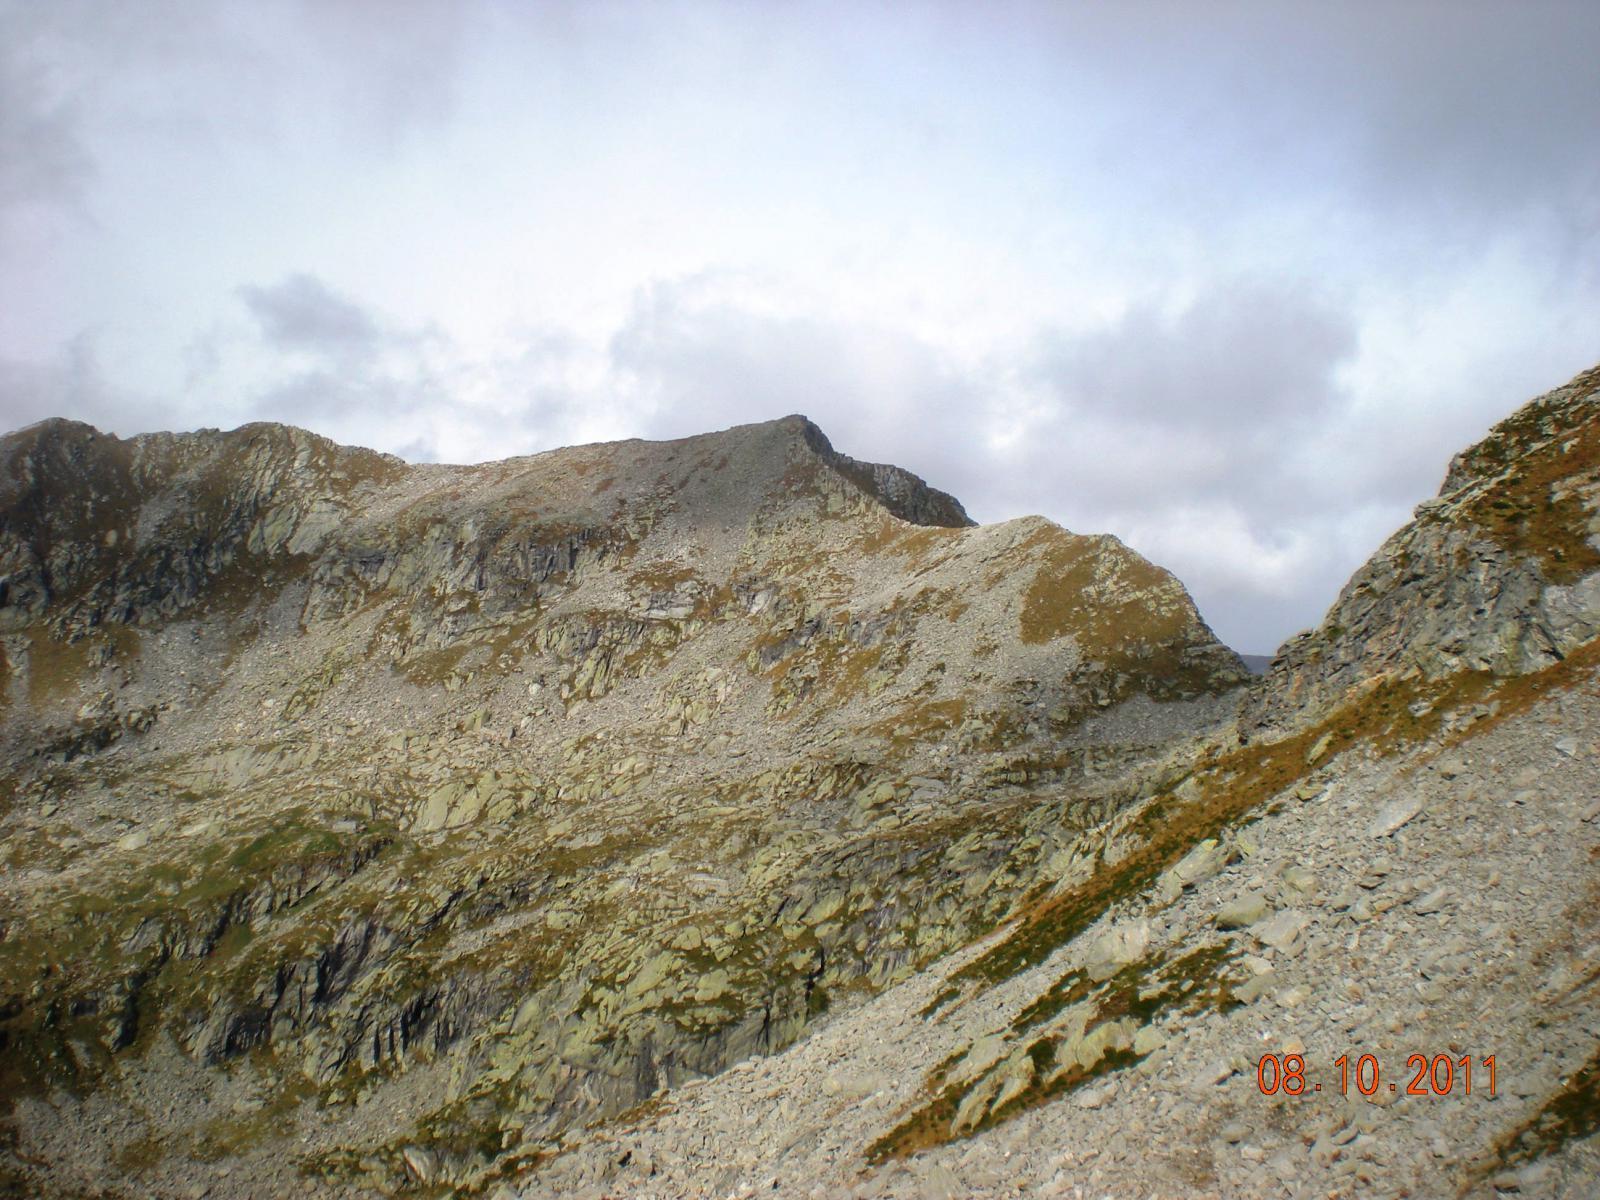 il Cresto ed il Colle del Lupo dal versante valdostano (Colle Marmontana)